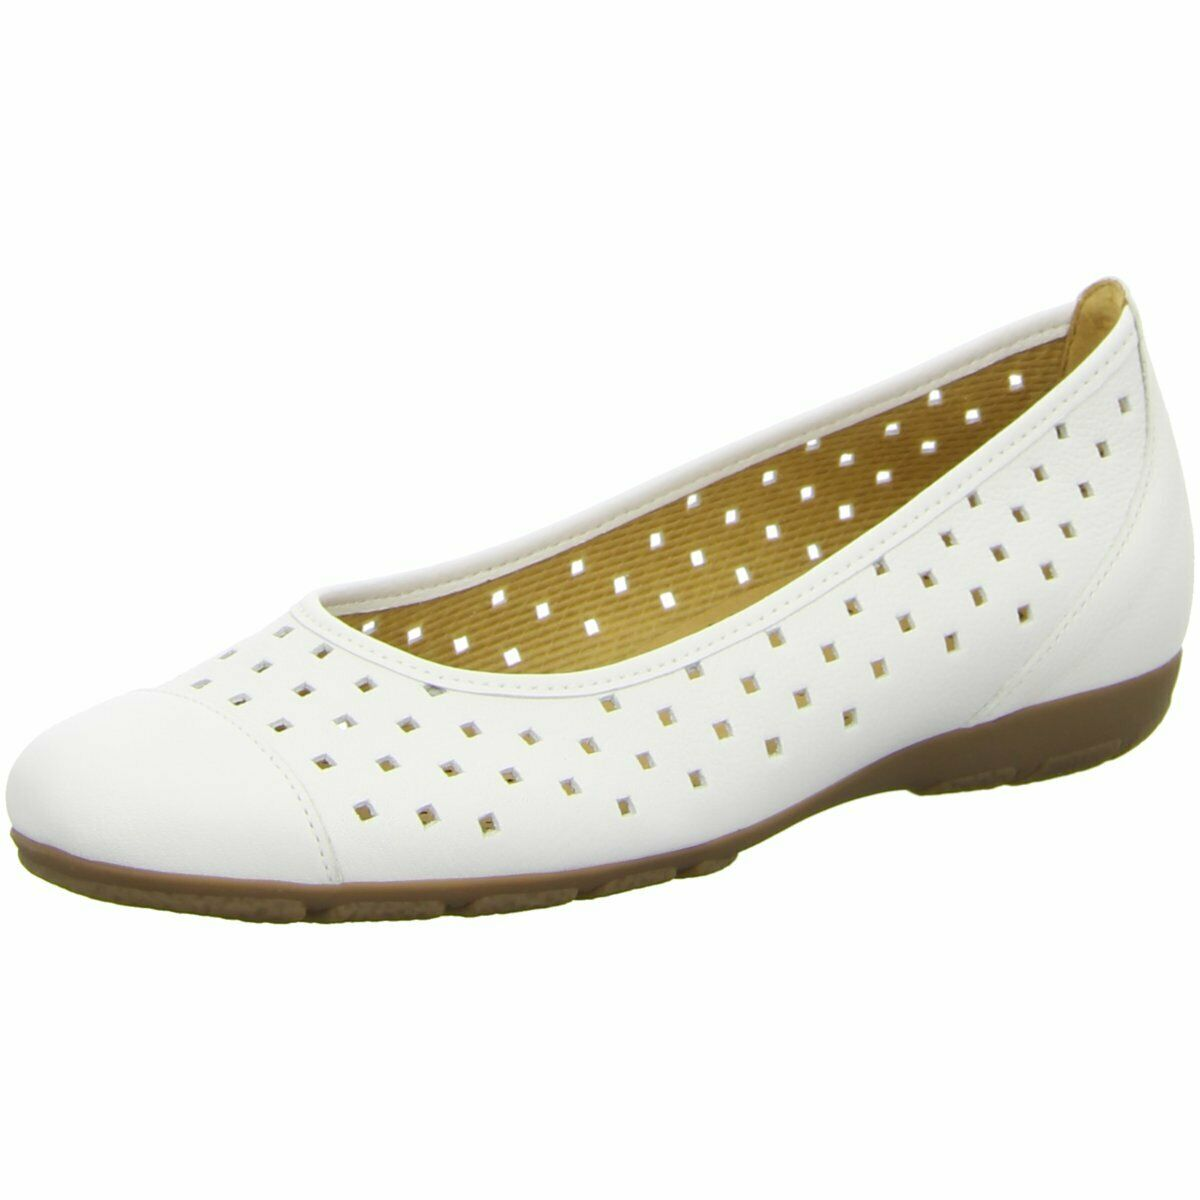 Gabor Damen Ballerinas NV 24.169-21 weiß 48607